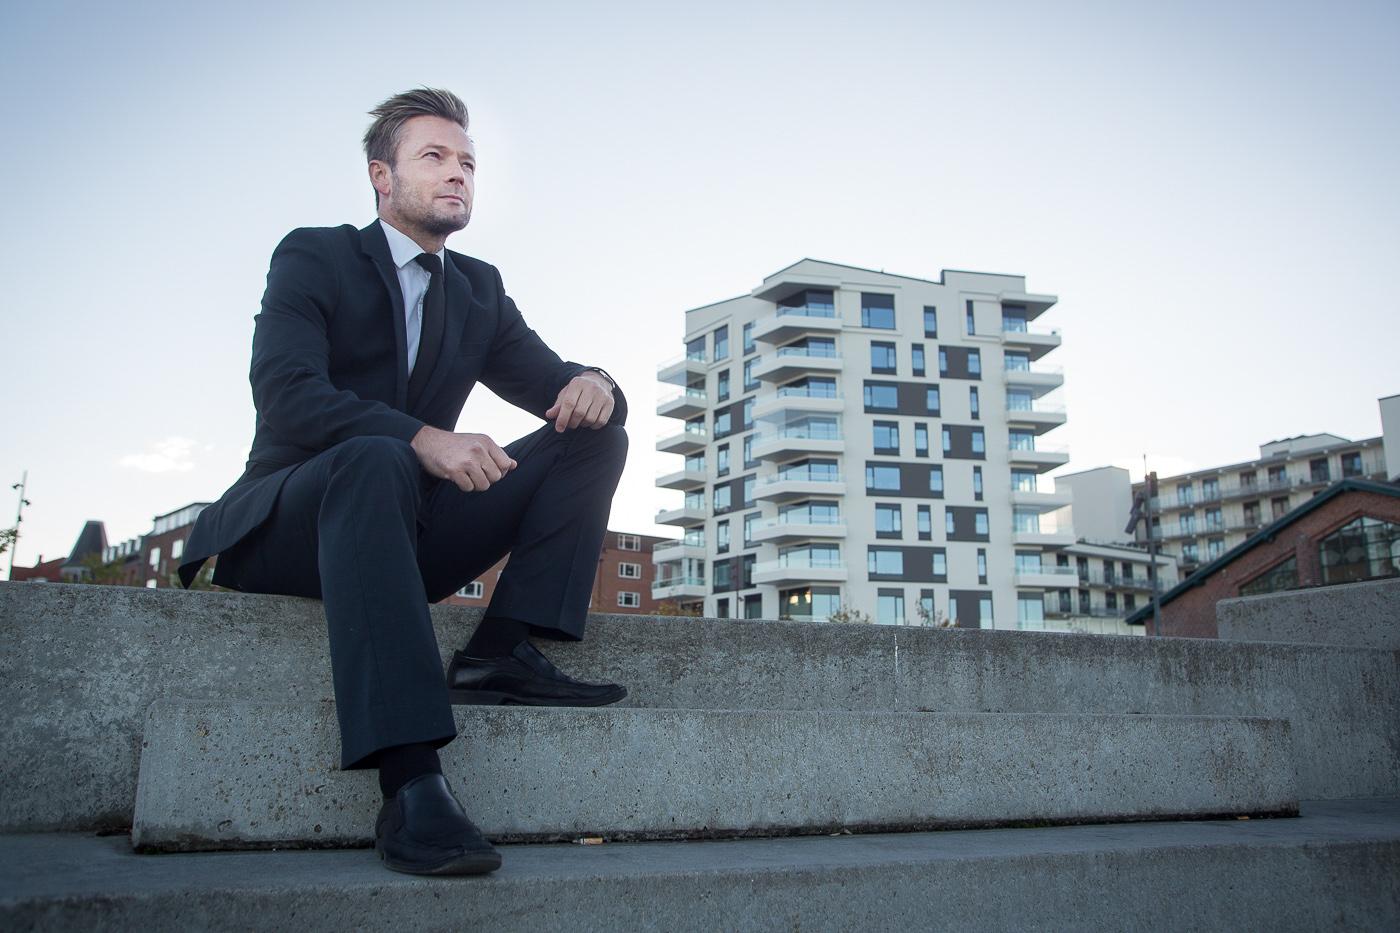 Martin Jensen, jurist ved SKAT i Aalborg, købte en projektbolig i byggeriet Plaza, der ligger ved havnefronten i Aalborg. Lejligheden er på 131 kvm + 50 kvm terrasse. Martin Jensen var på udkig i fem år og så på 20 lejligheder før han fandt sin drømmelejlighed. Foto: Jan Høst-Aaris